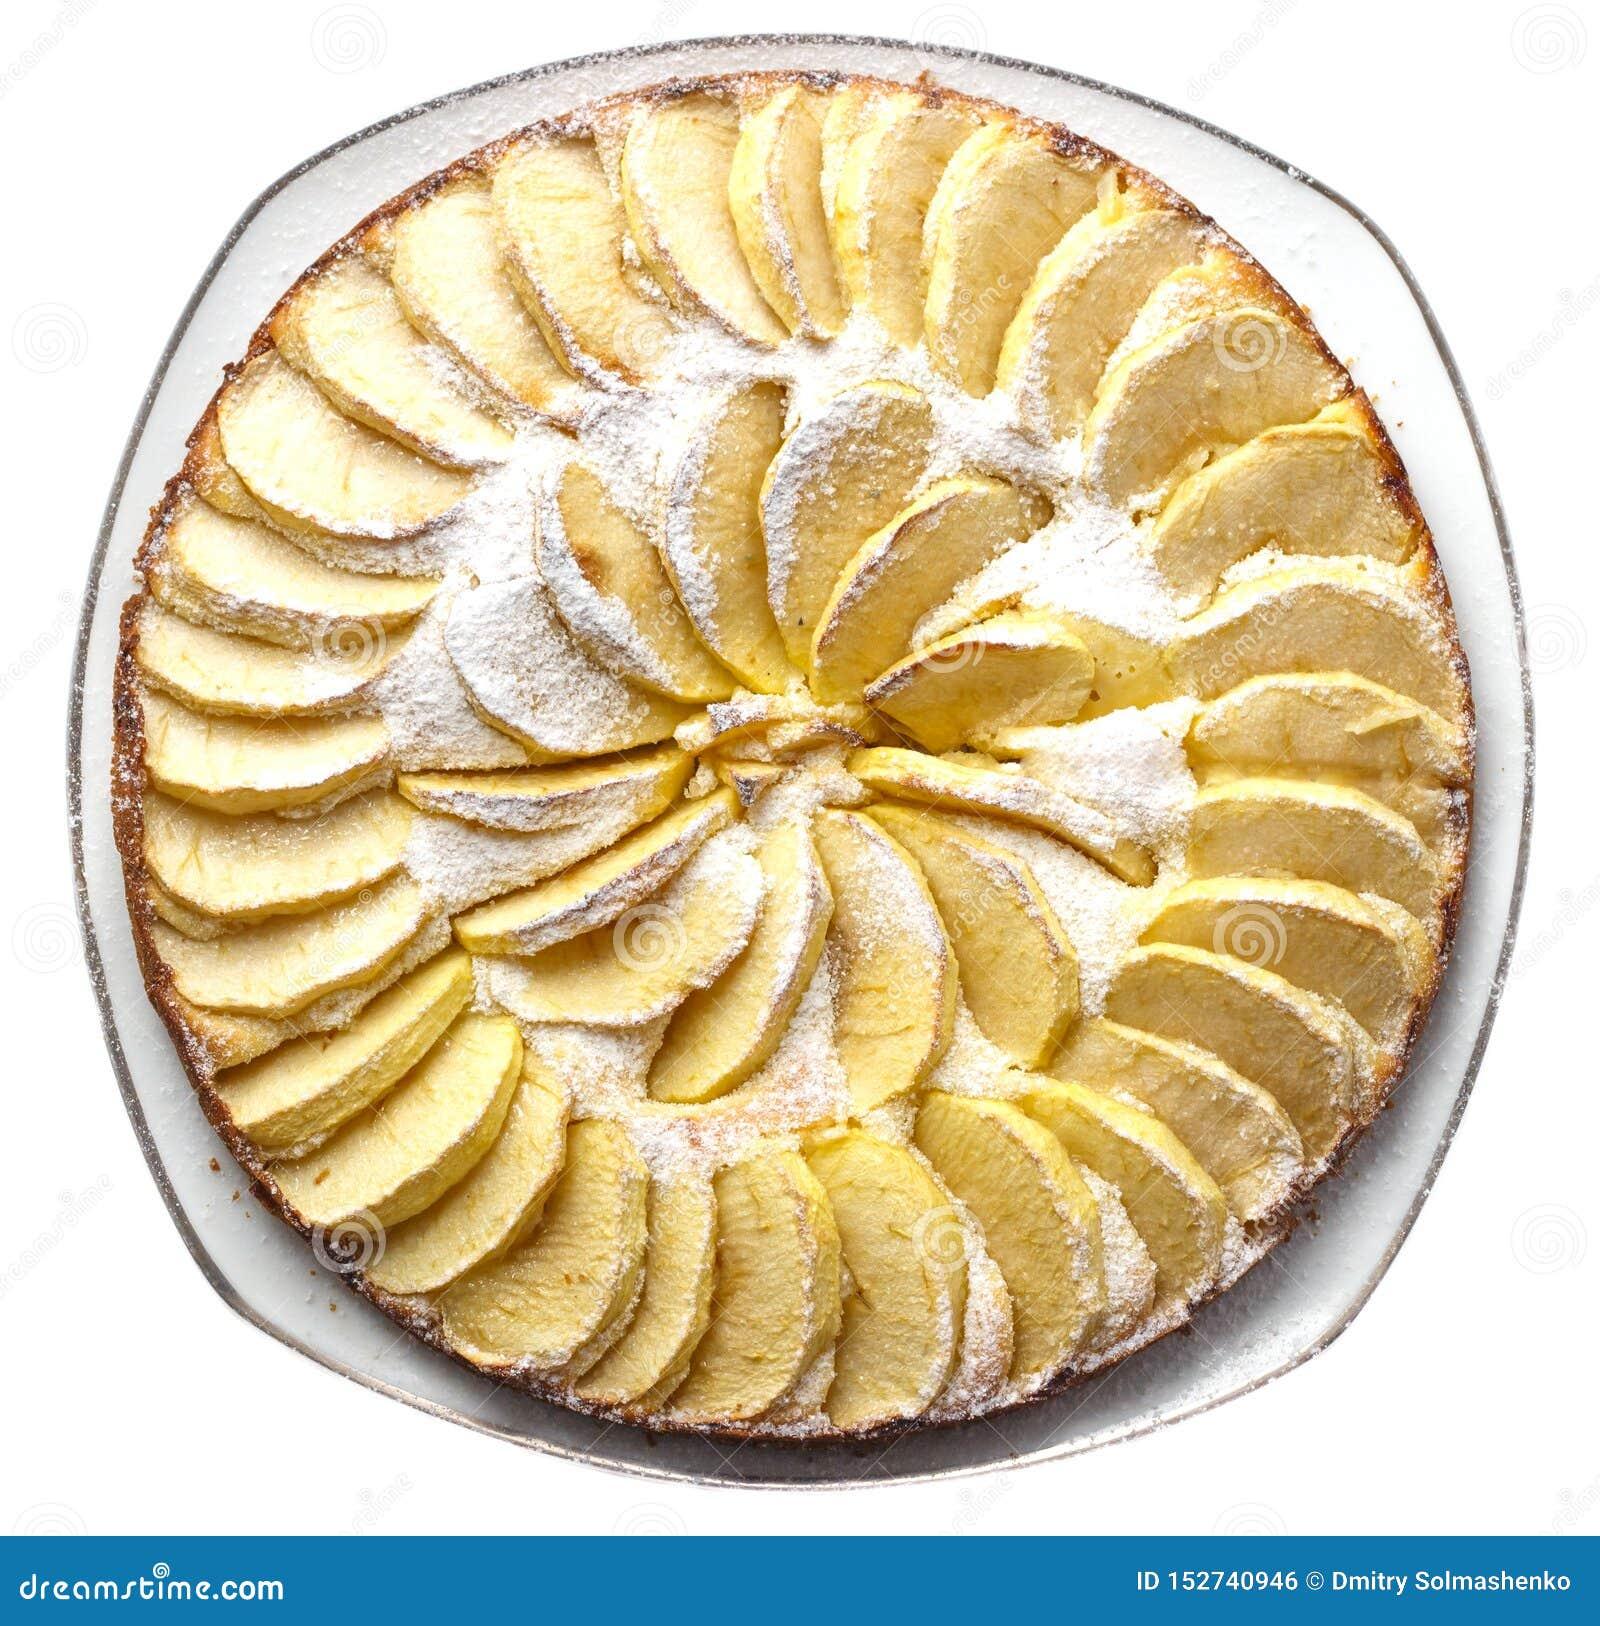 Tarta de manzanas hecha en casa sacada el polvo con mentiras del azúcar de formación de hielo en una placa en una opinión de top